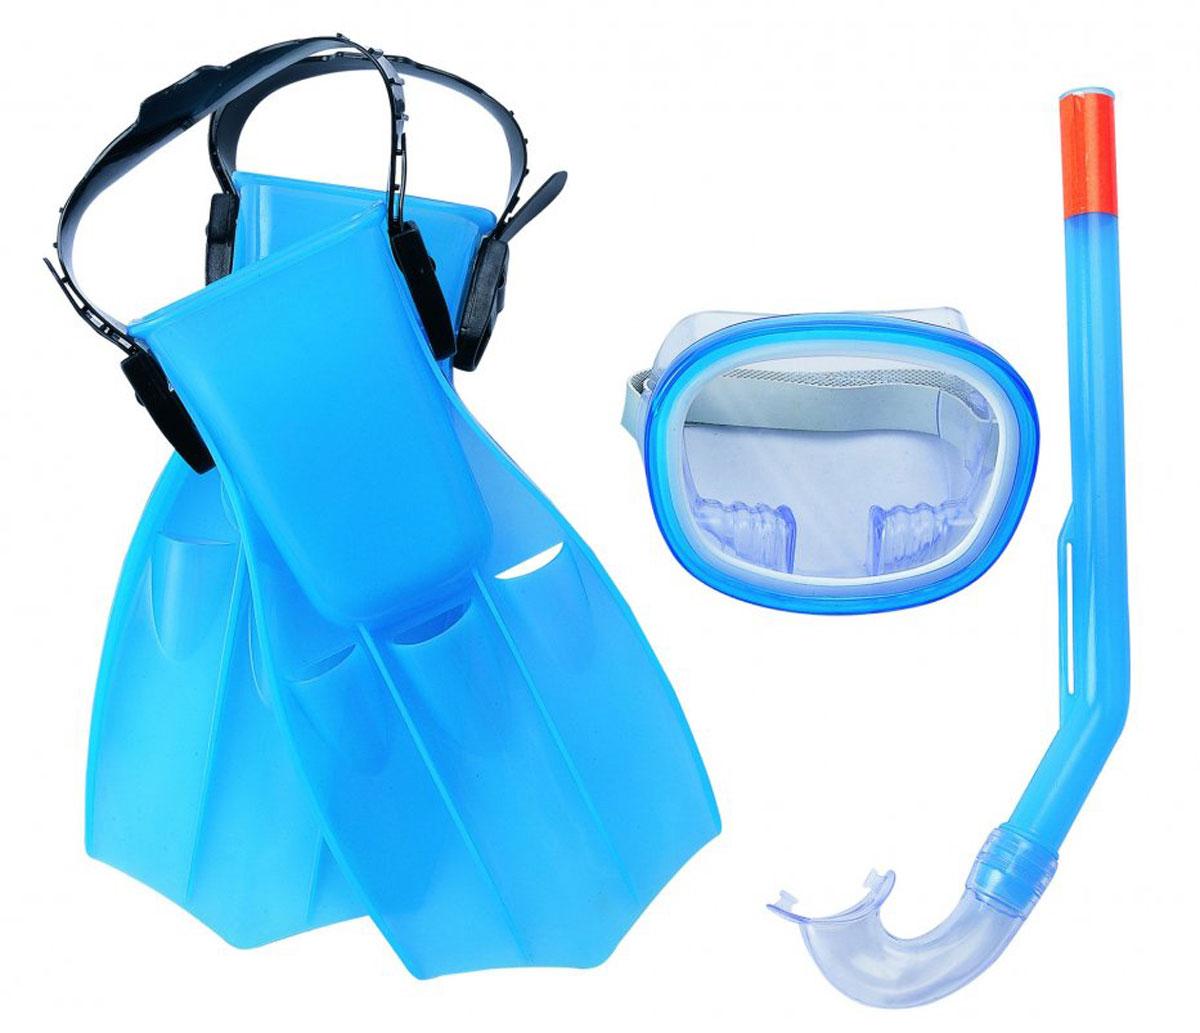 Набор для ныряния детский Bestway Play Pro, цвет: голубой. 25008